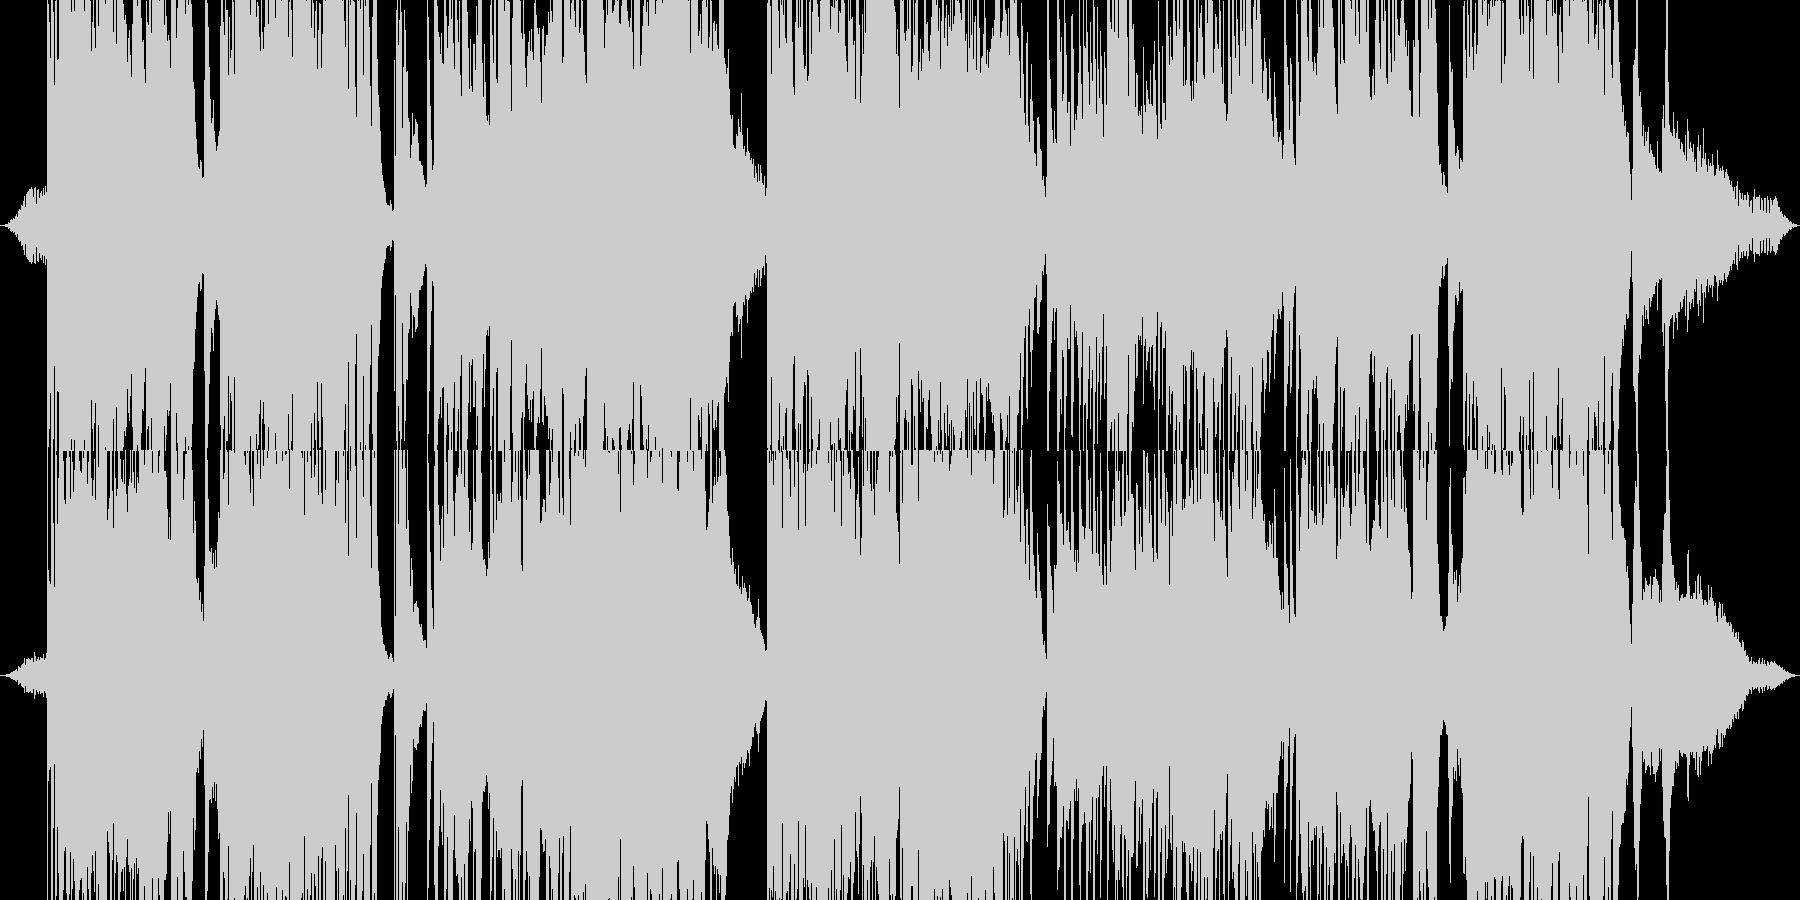 「森」をイメージしたヒーリング・サウンドの未再生の波形